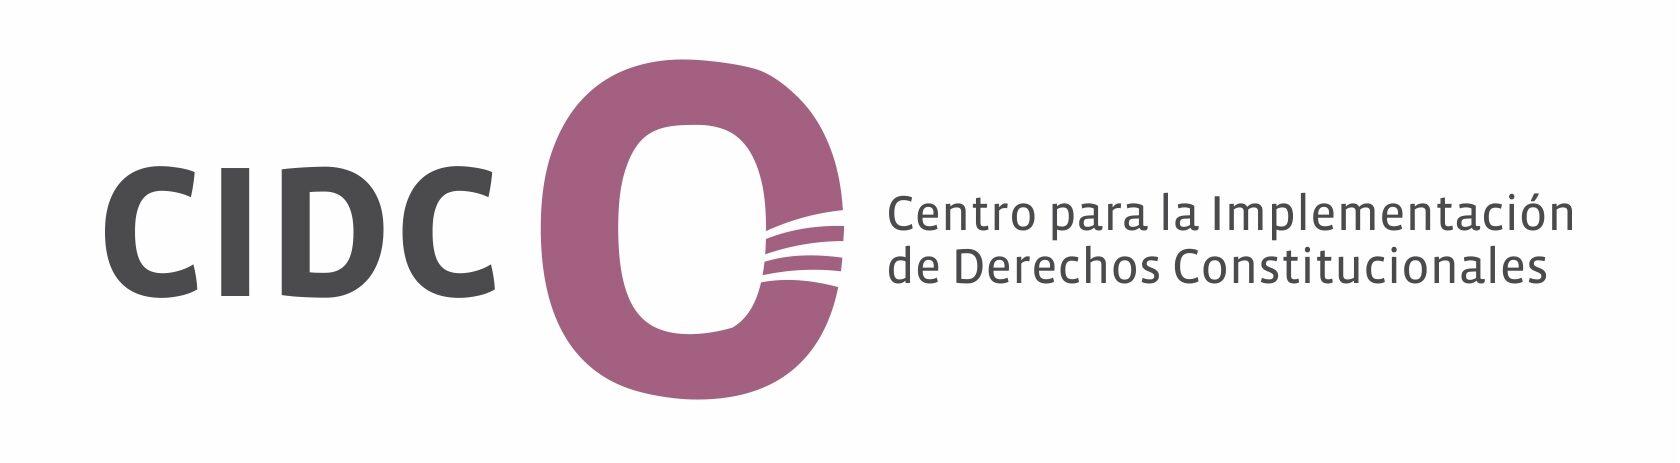 Centro para la Implementación de Derechos Constitucionales